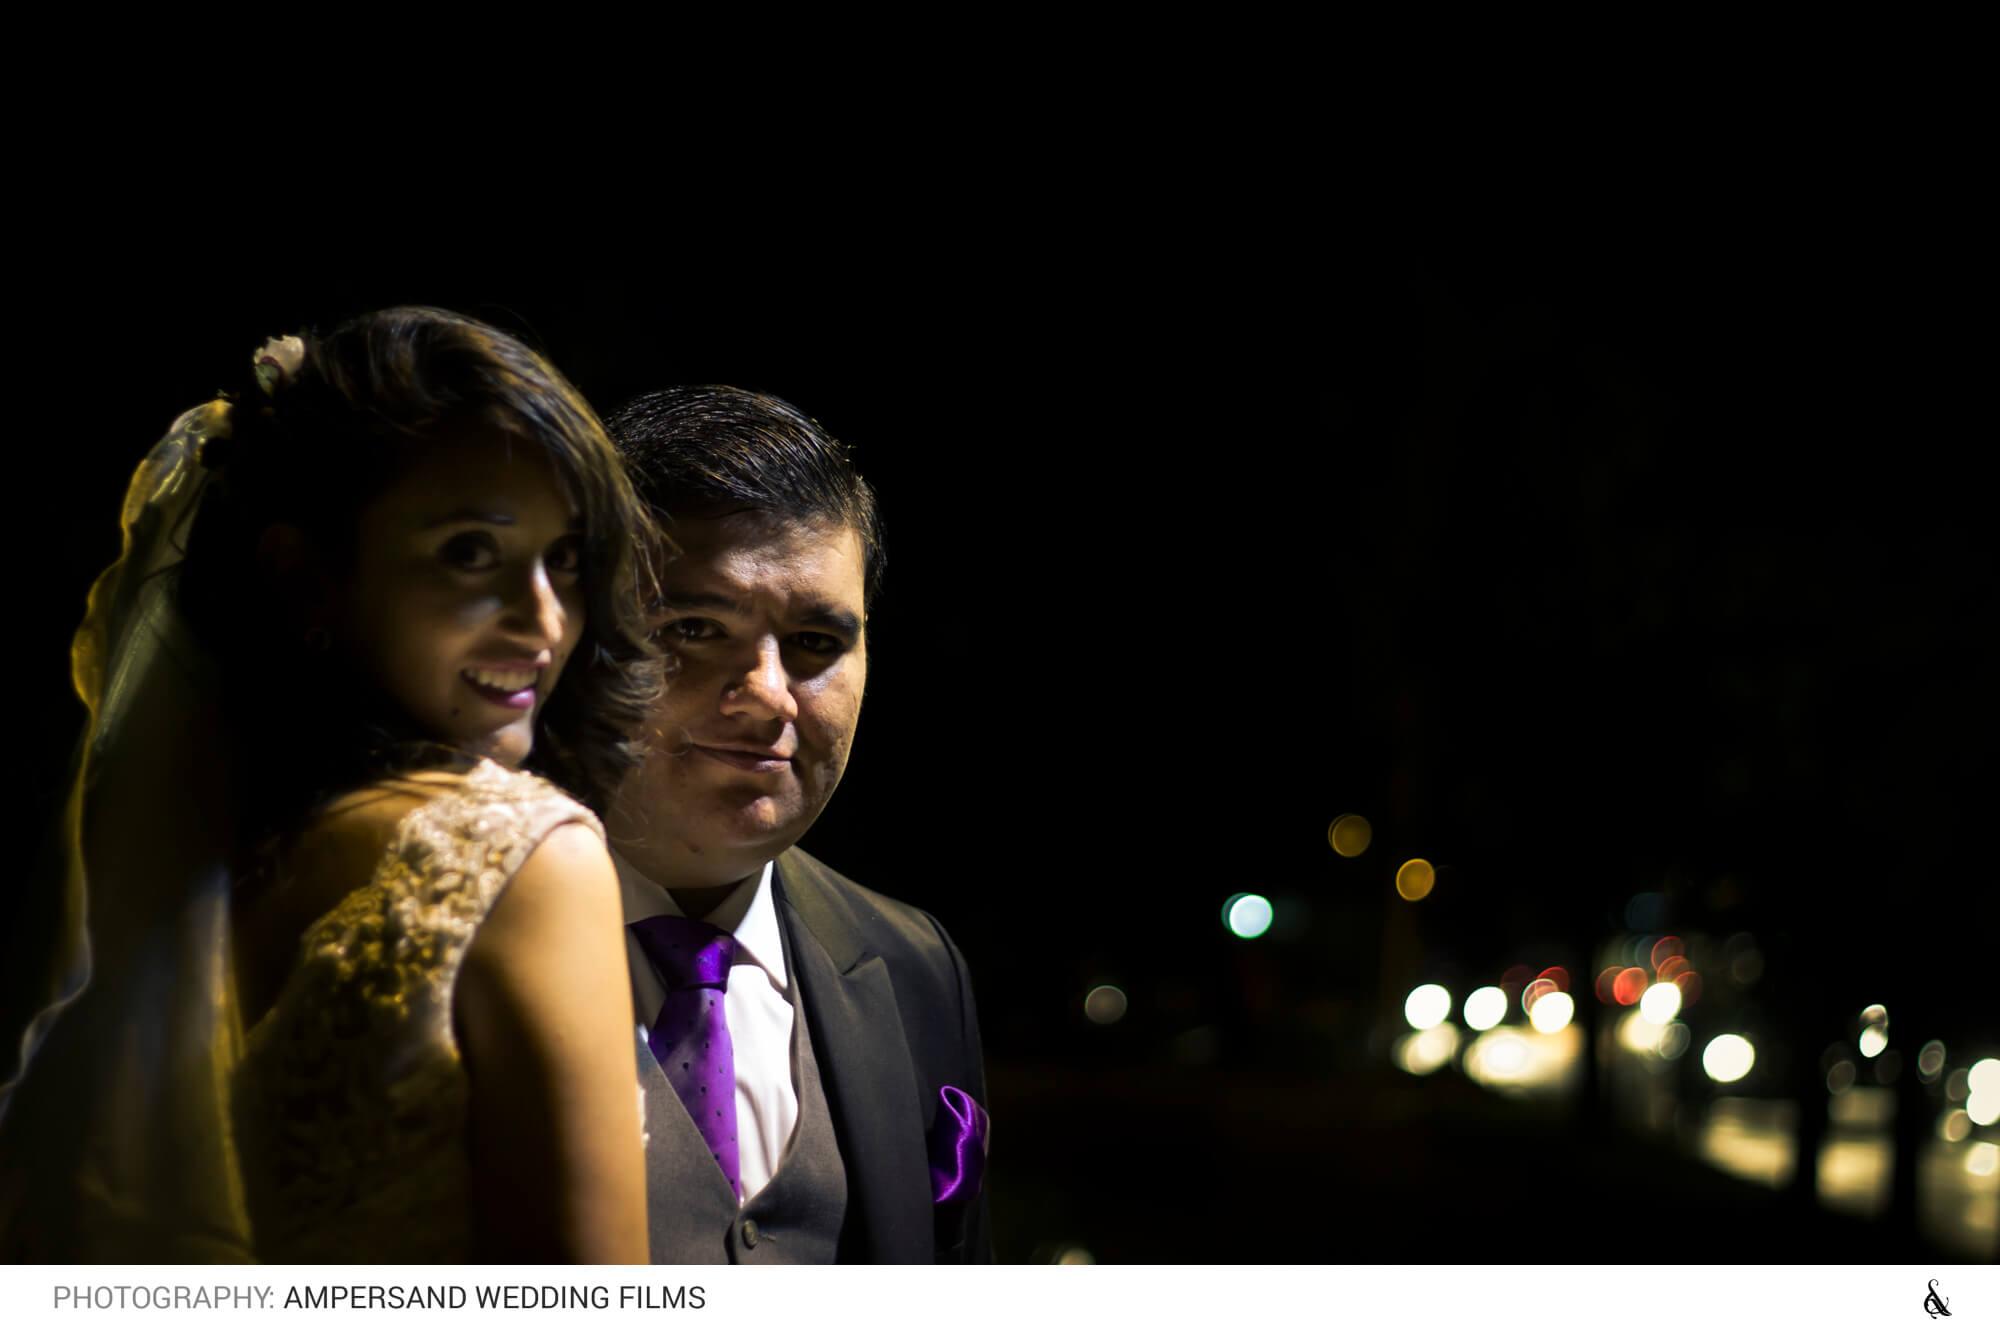 Paseo de novios por la ciudad - Matrimonio Pía & Juan Pablo en Campus Oriente